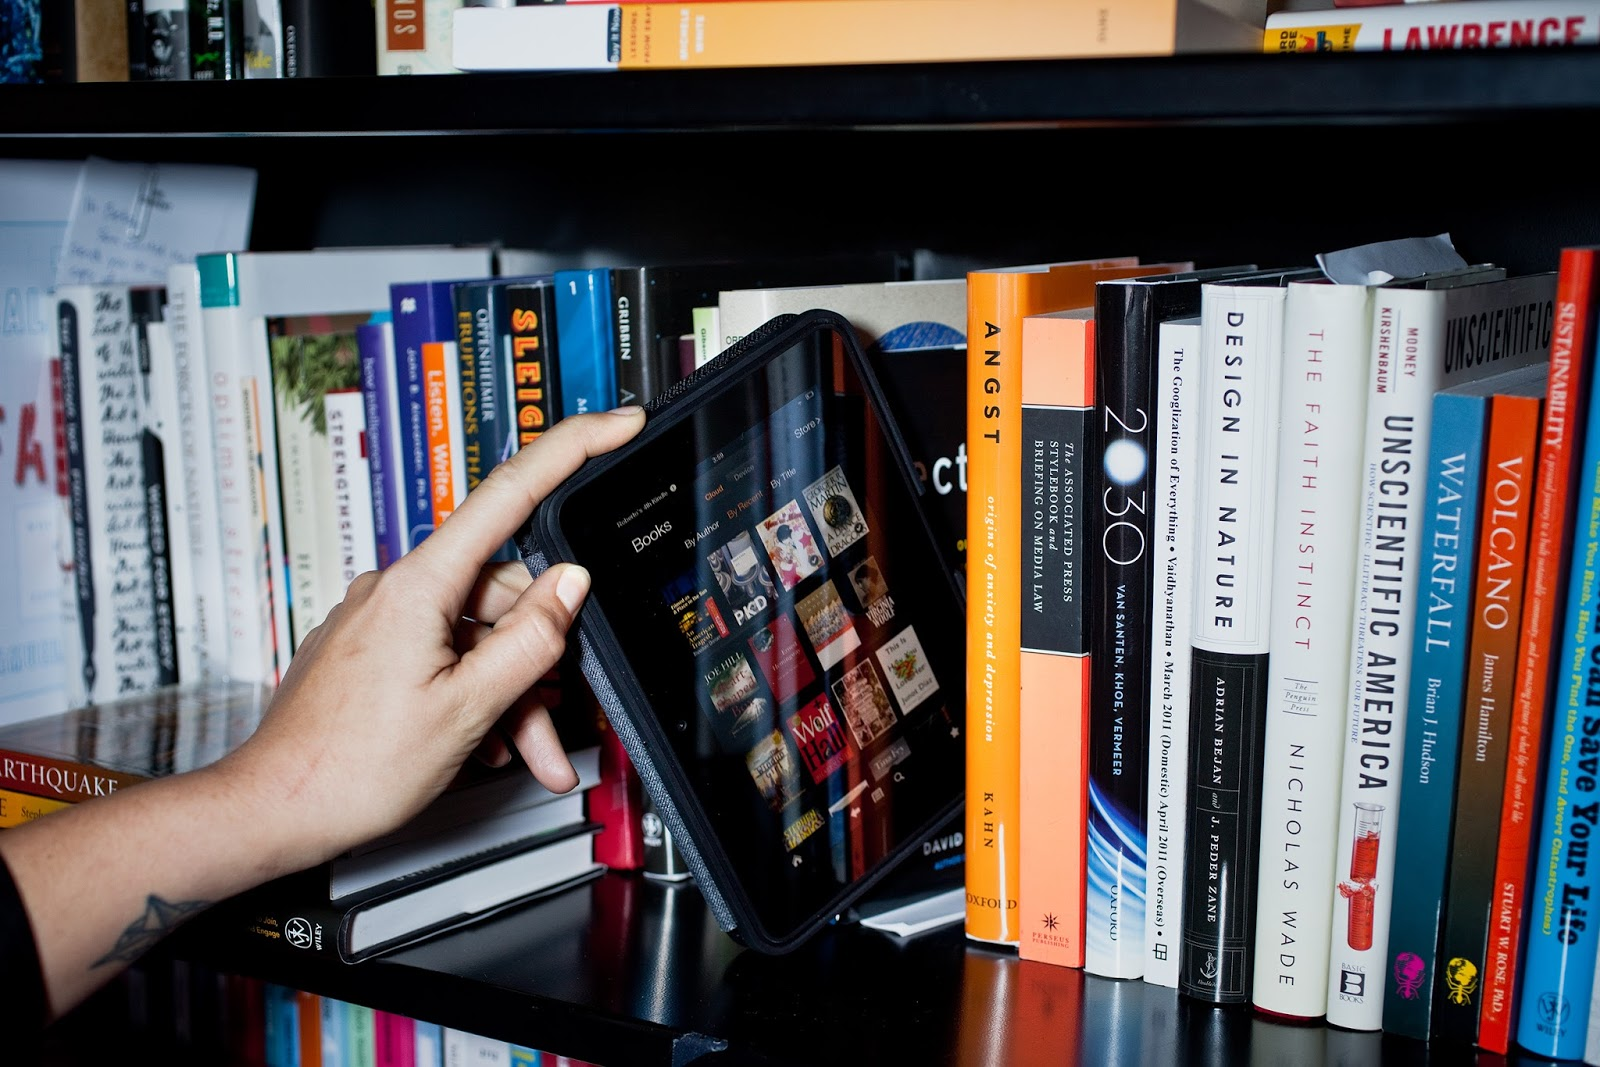 4 Usaha yang Membantu Mendapatkan Buku Tanpa Keluar Banyak Biaya